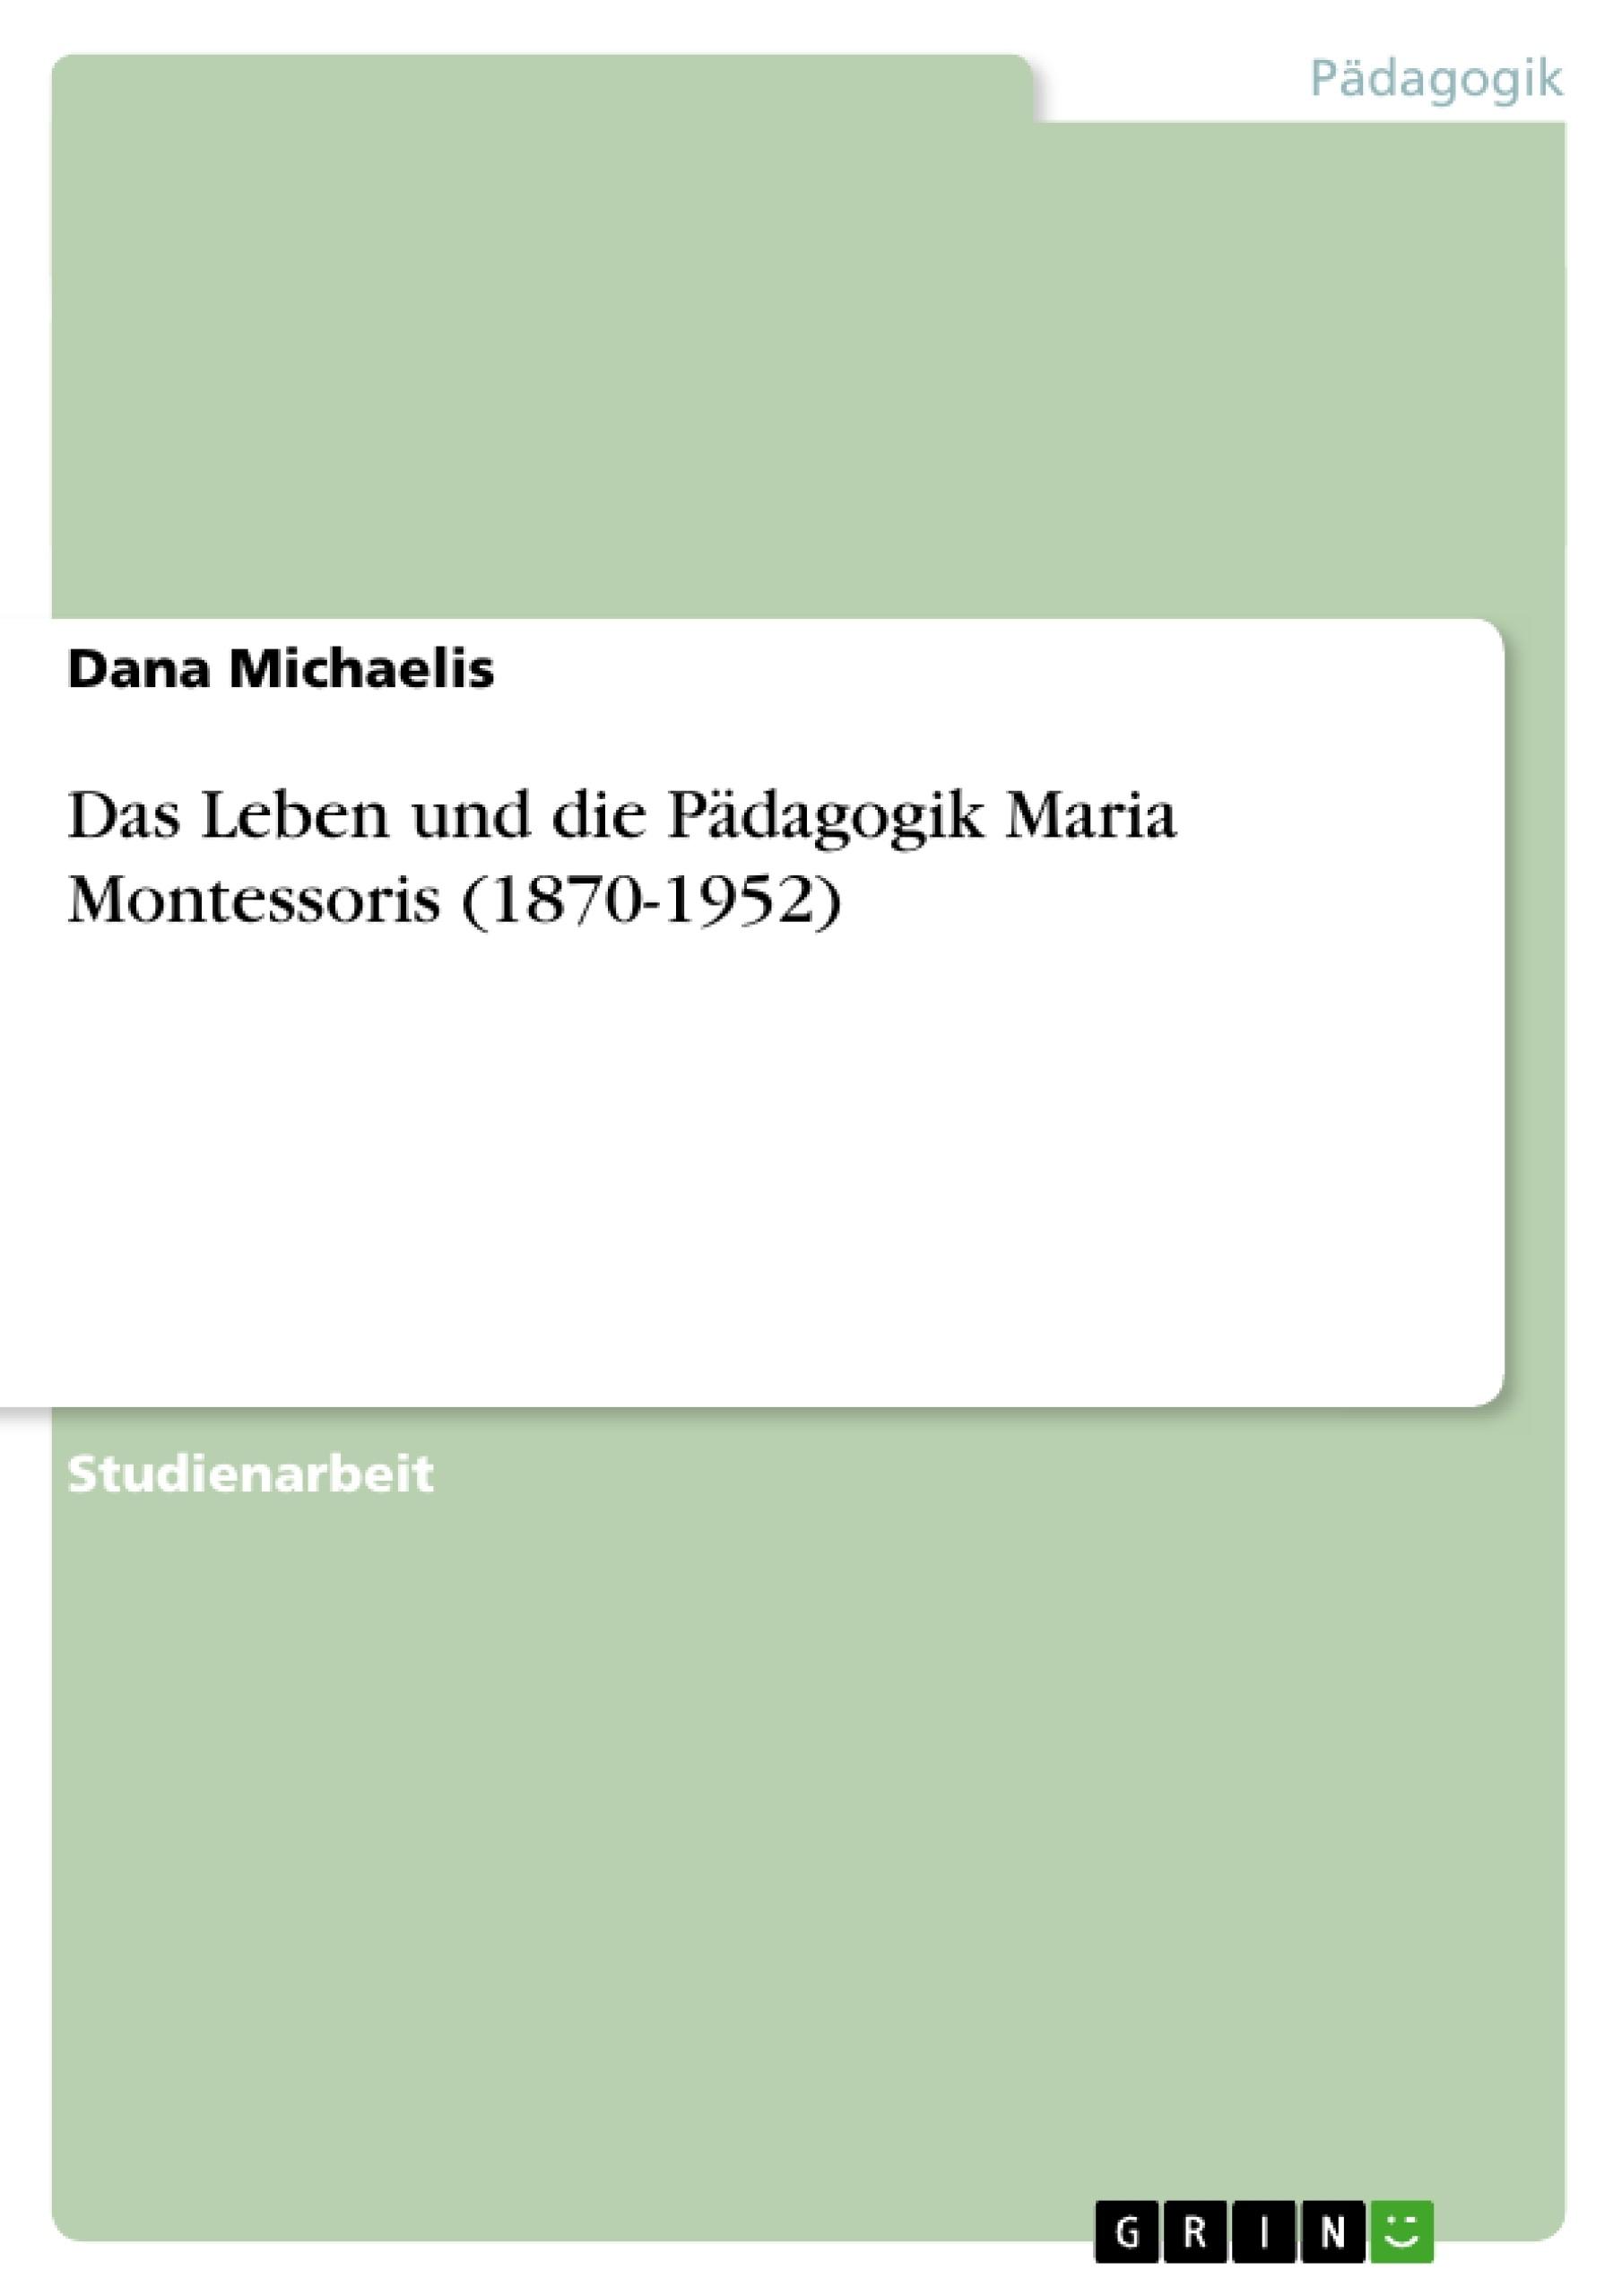 Titel: Das Leben und die Pädagogik Maria Montessoris (1870-1952)